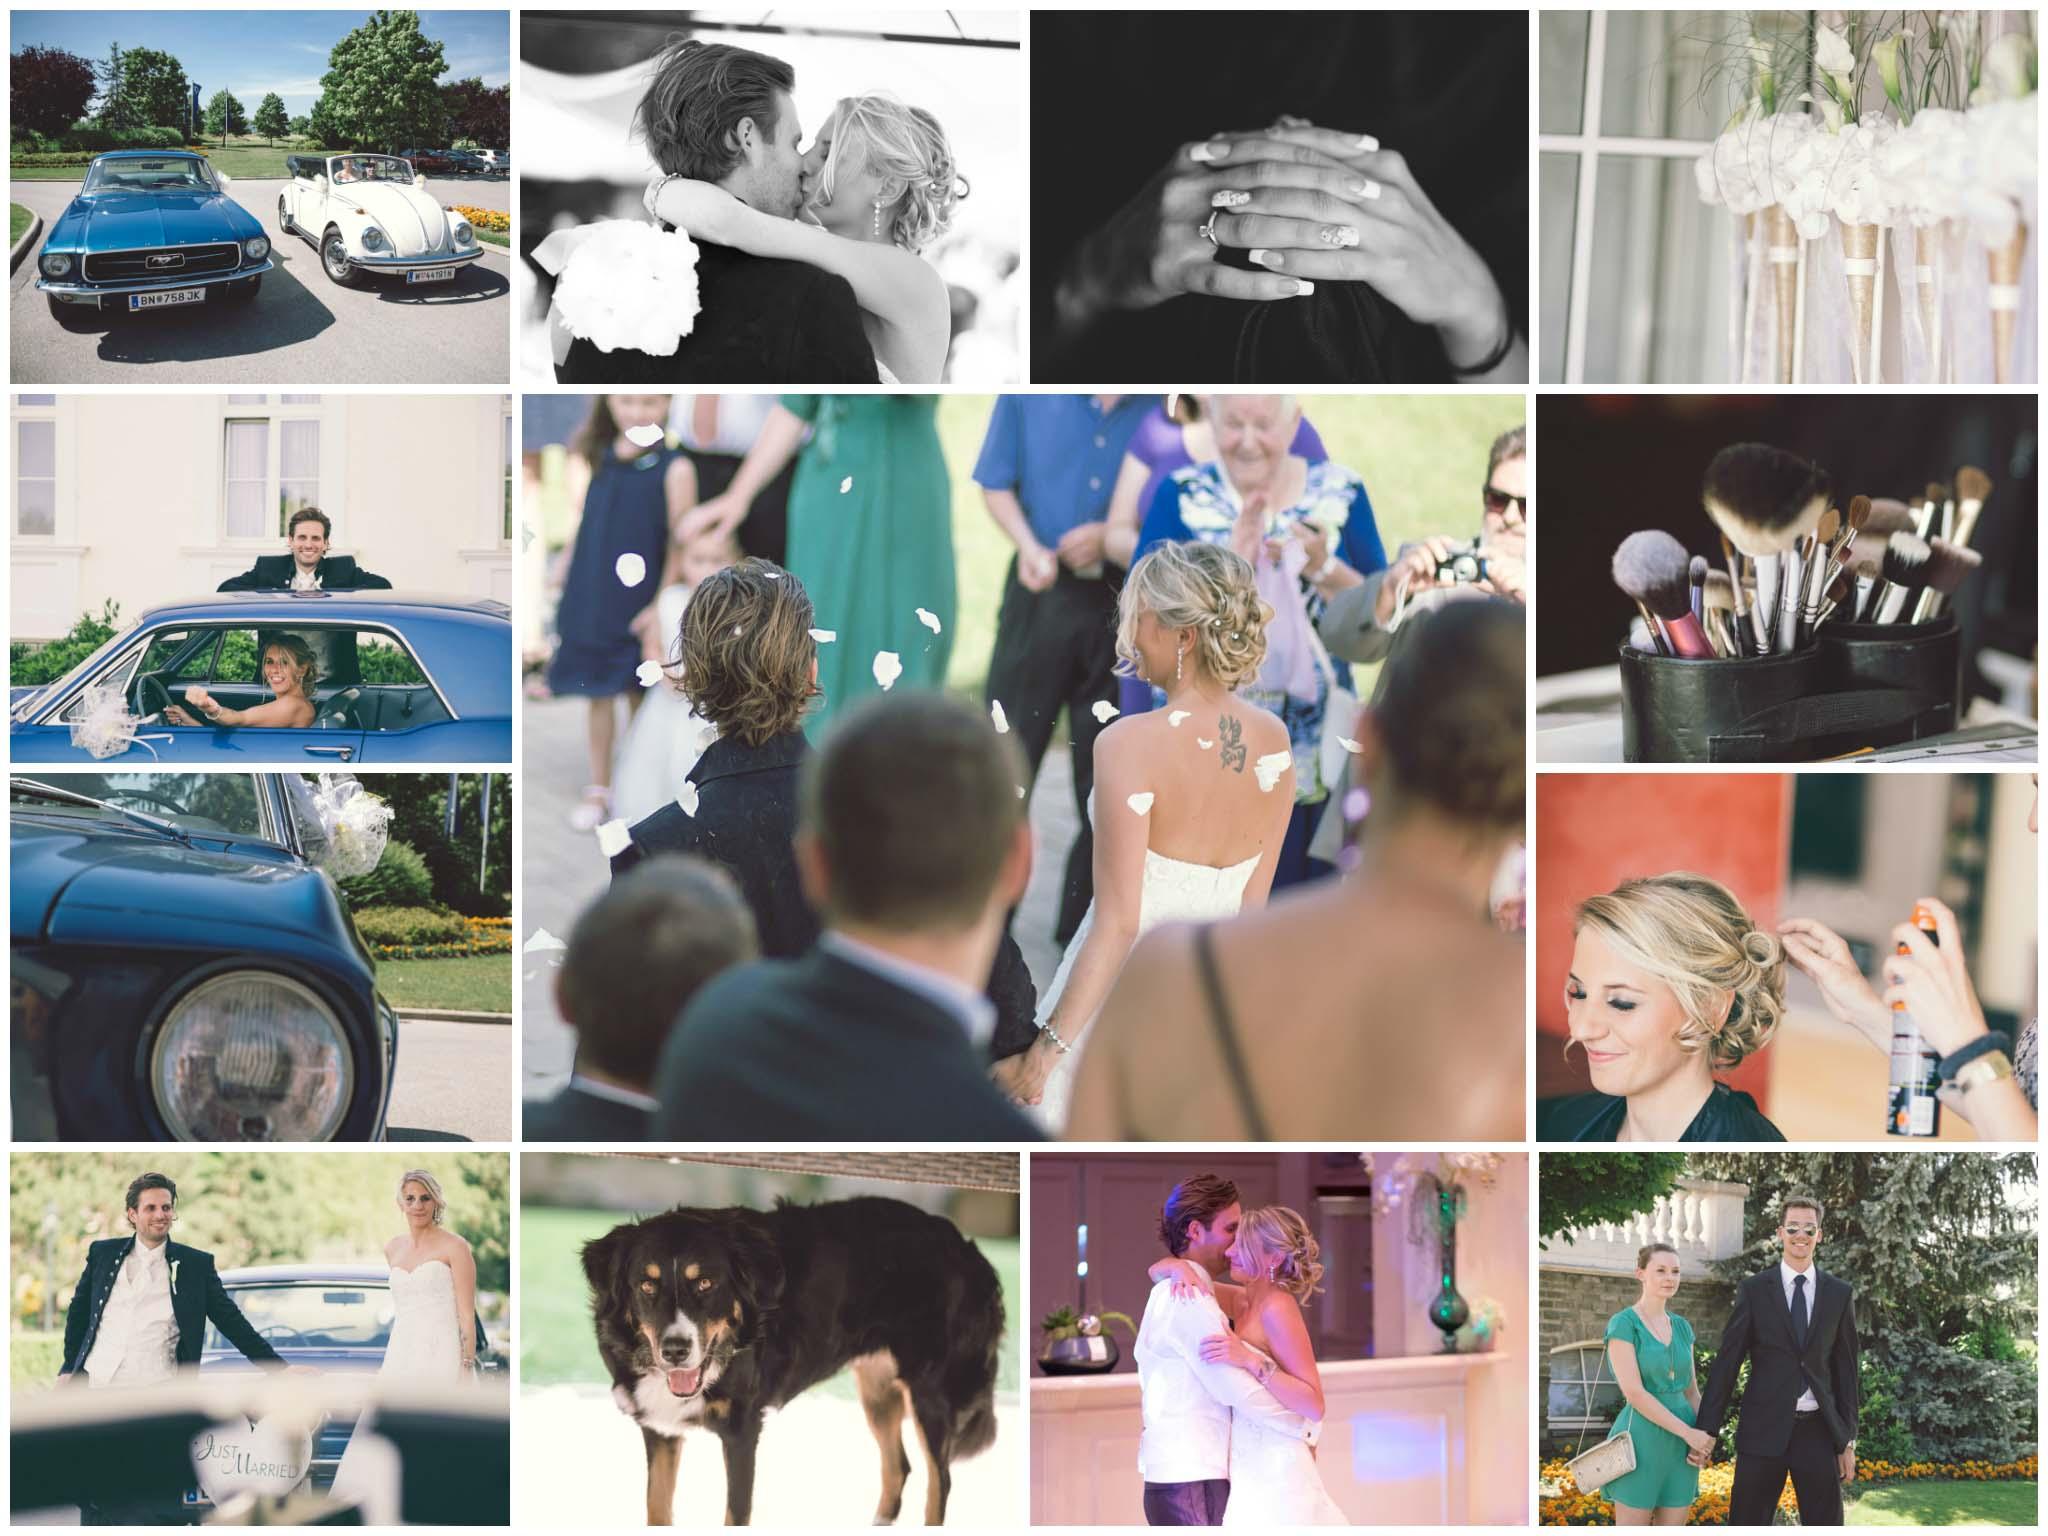 Hochzeitsfotografie Workshop/Kurs in Wien